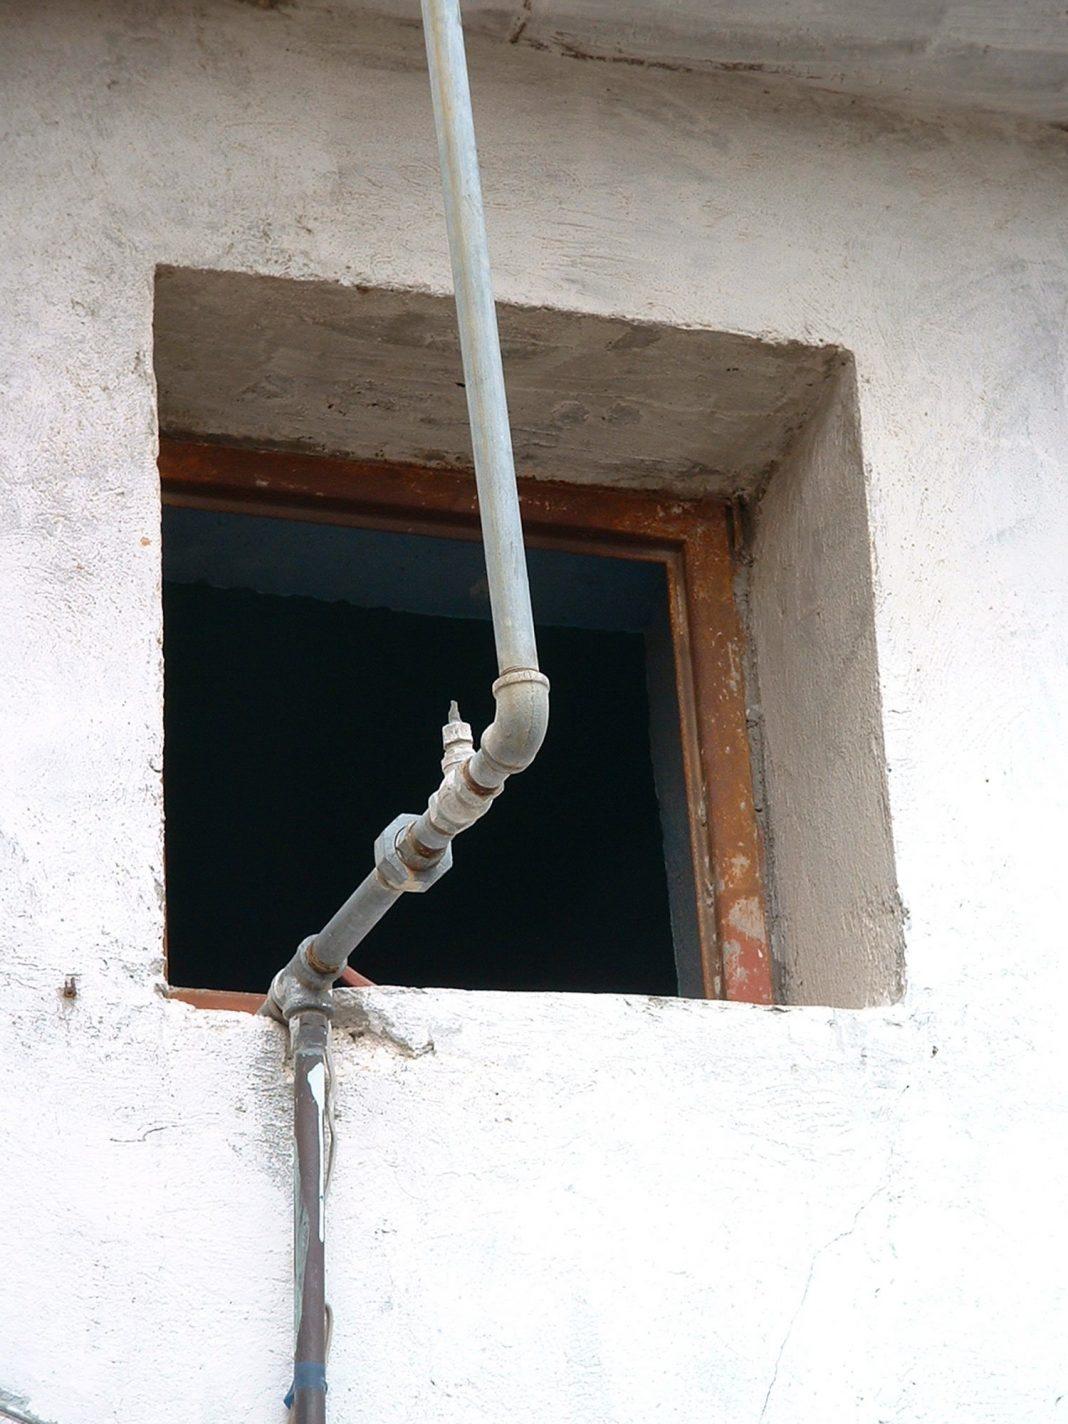 Foto: Fenster und Rohr